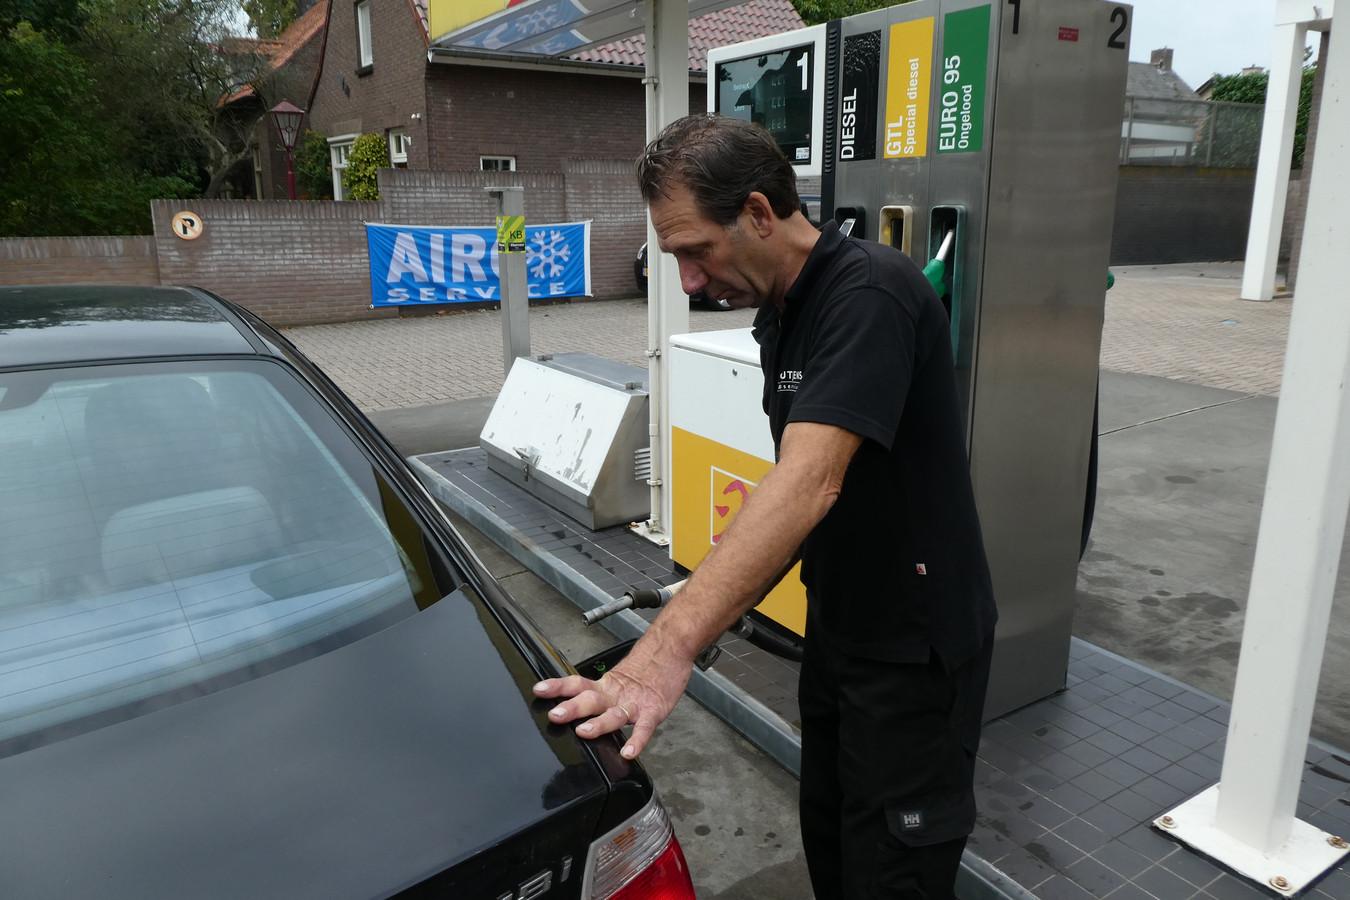 Bij Schutjens kun je GTL tanken, dat is witte diesel die ook vriendelijker is voor het milieu.